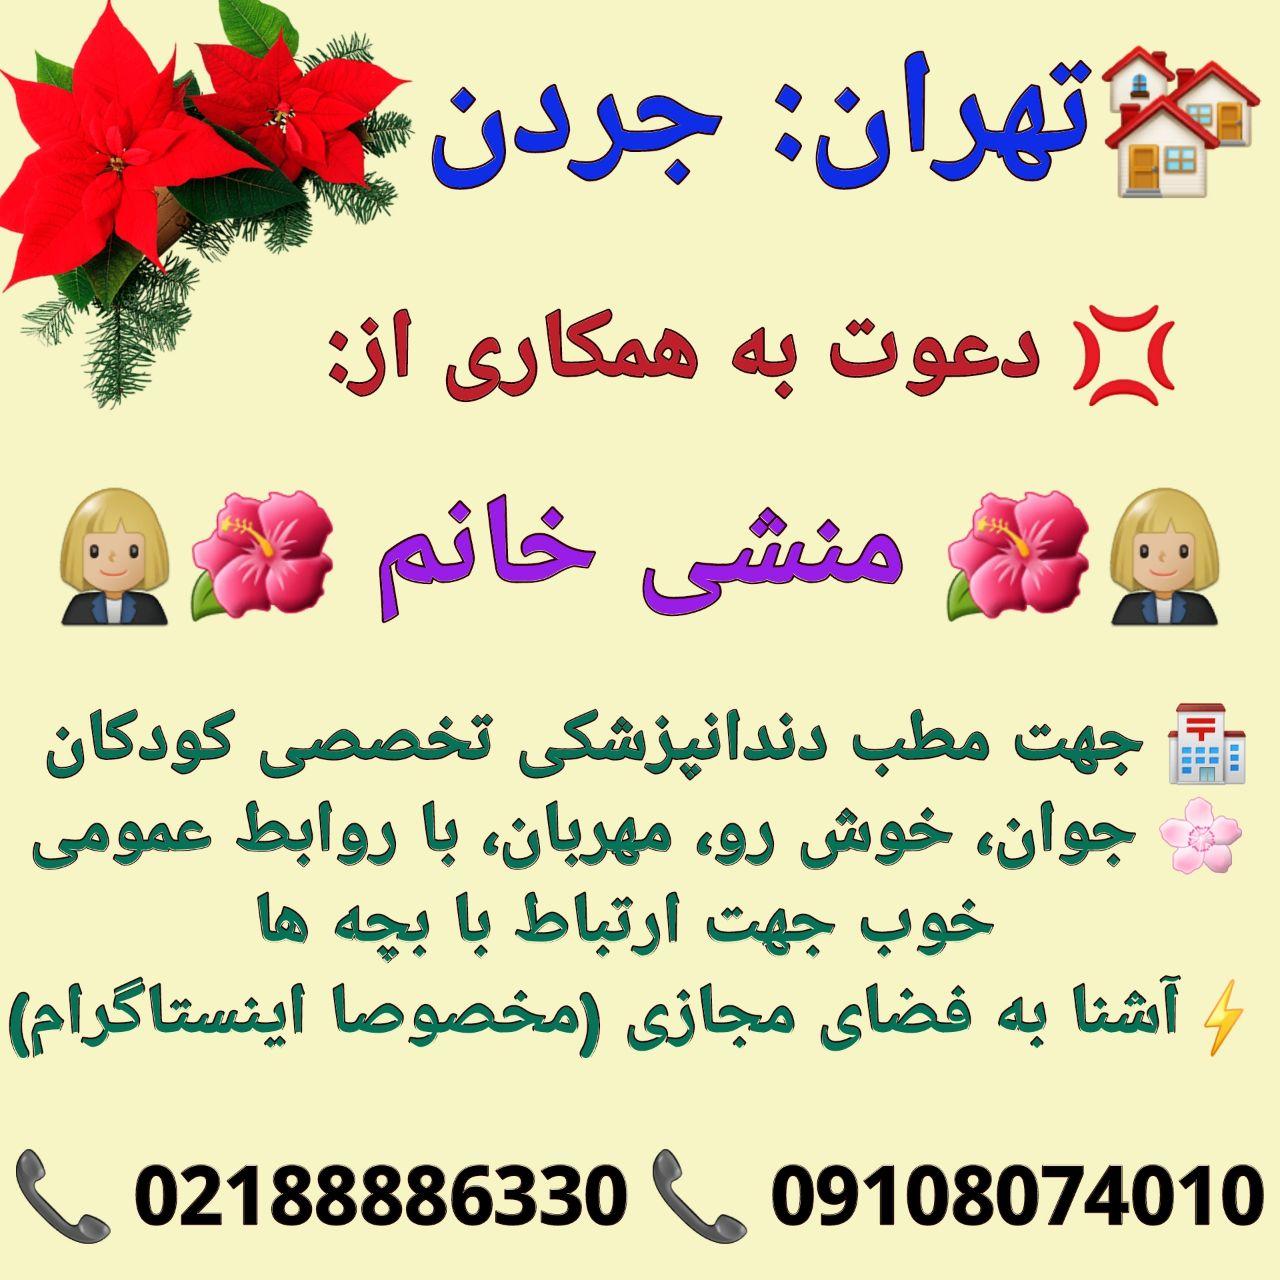 تهران: جردن، دعوت به همکاری از منشی خانم